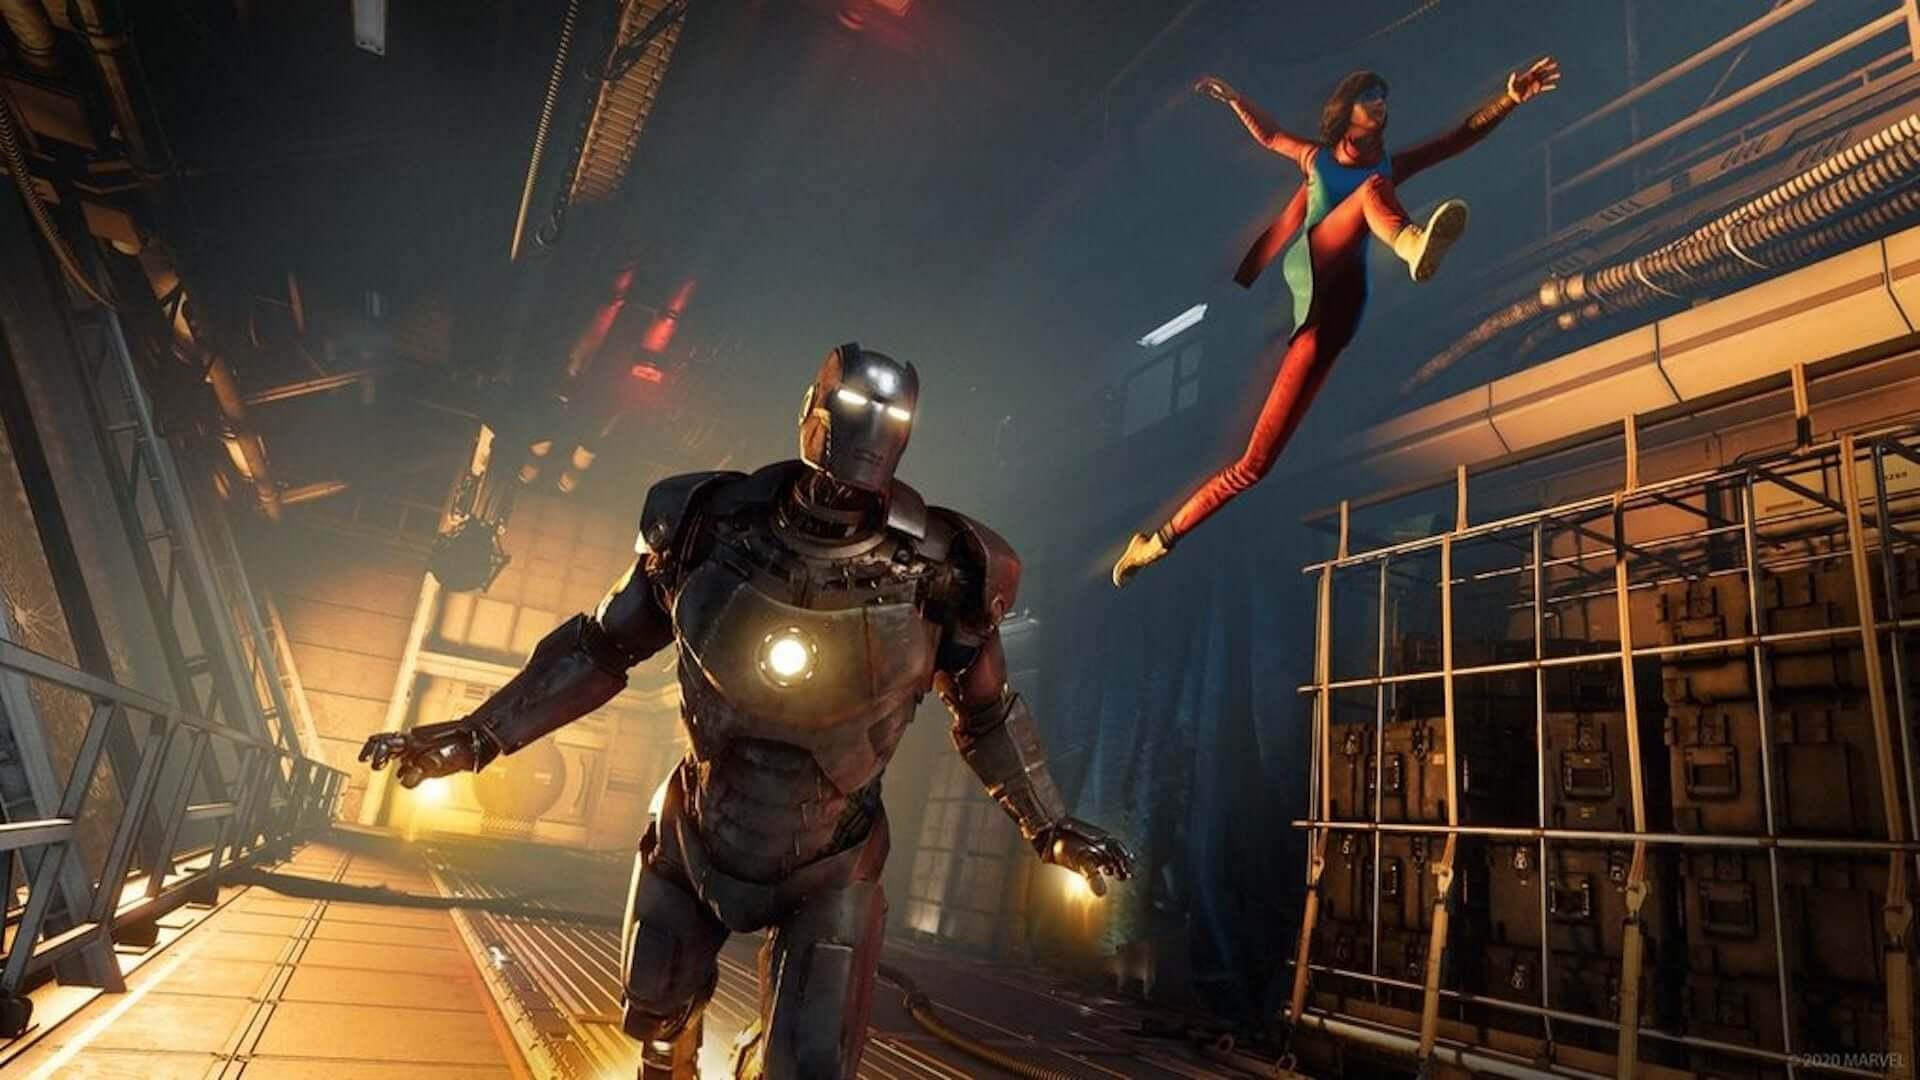 スクウェア・エニックス『Marvel's Avengers』のPlayStation 5/Xbox Series X版が発売決定!PS4/Xbox One版からの無料アップグレードも art200702_avengers_2-1920x1080